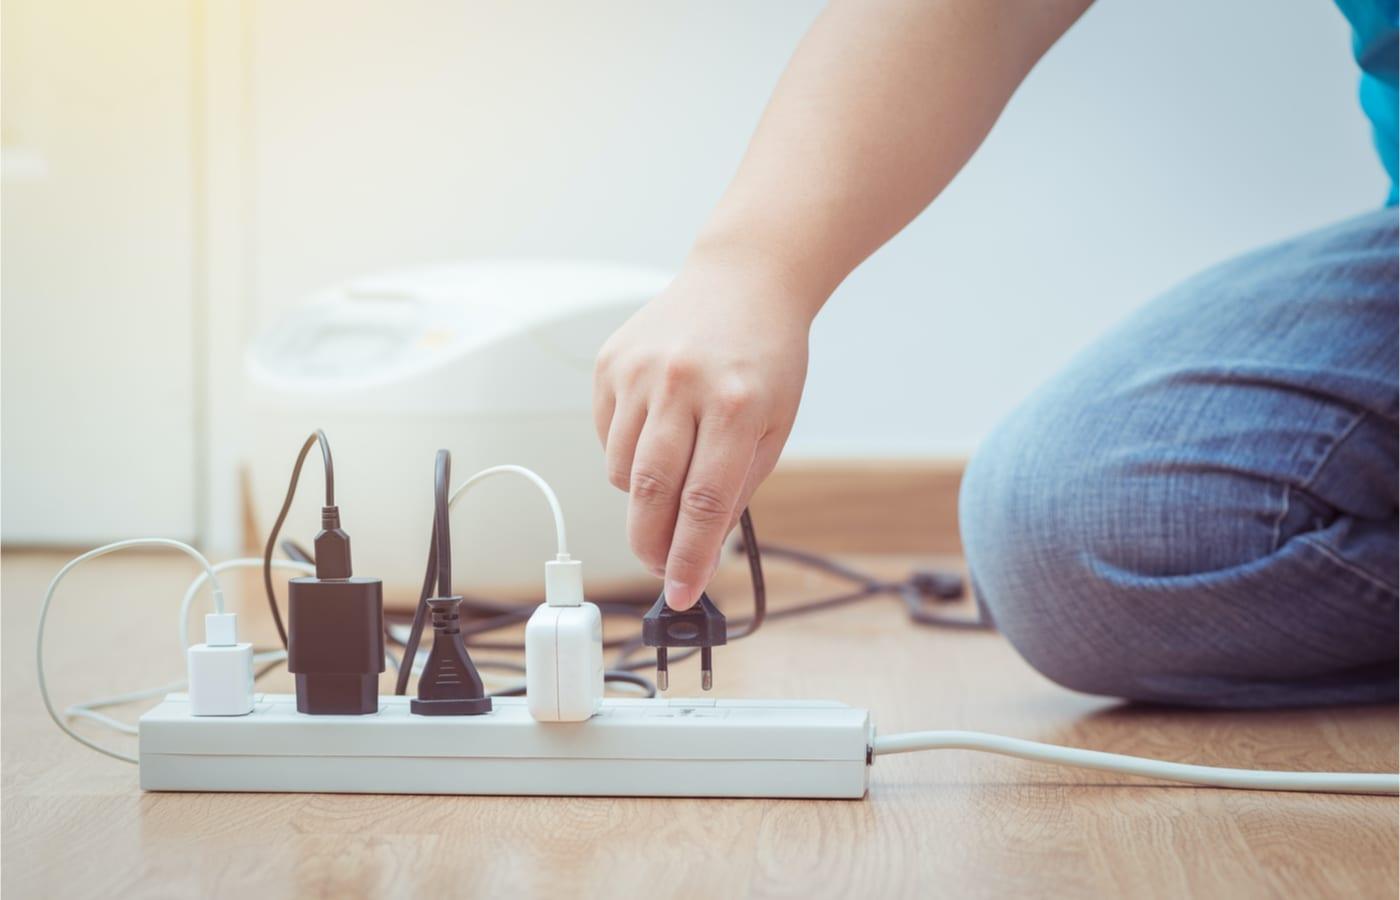 Cómo cuidar tus electrodomésticos ante apagones o variaciones de voltaje